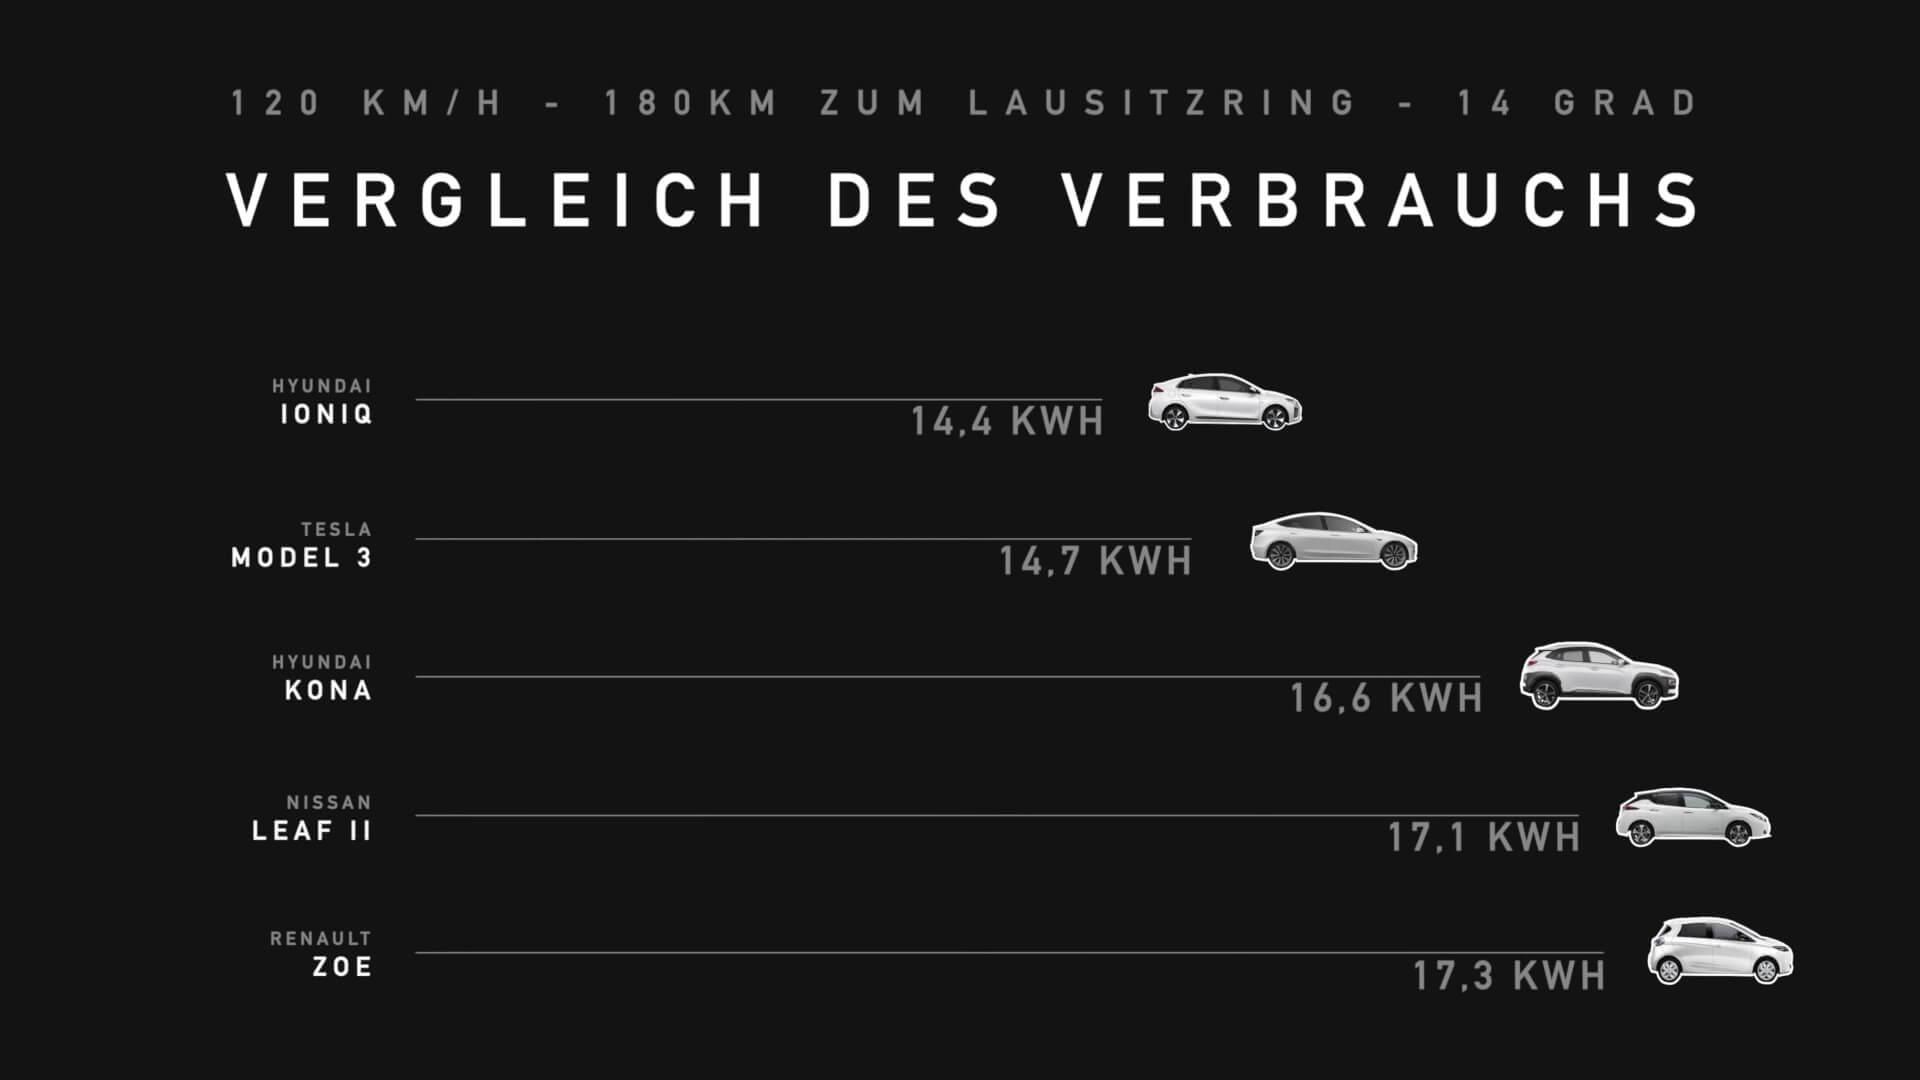 Сравнение расхода энергии 5 электромобилями при скорости 120 км/ч